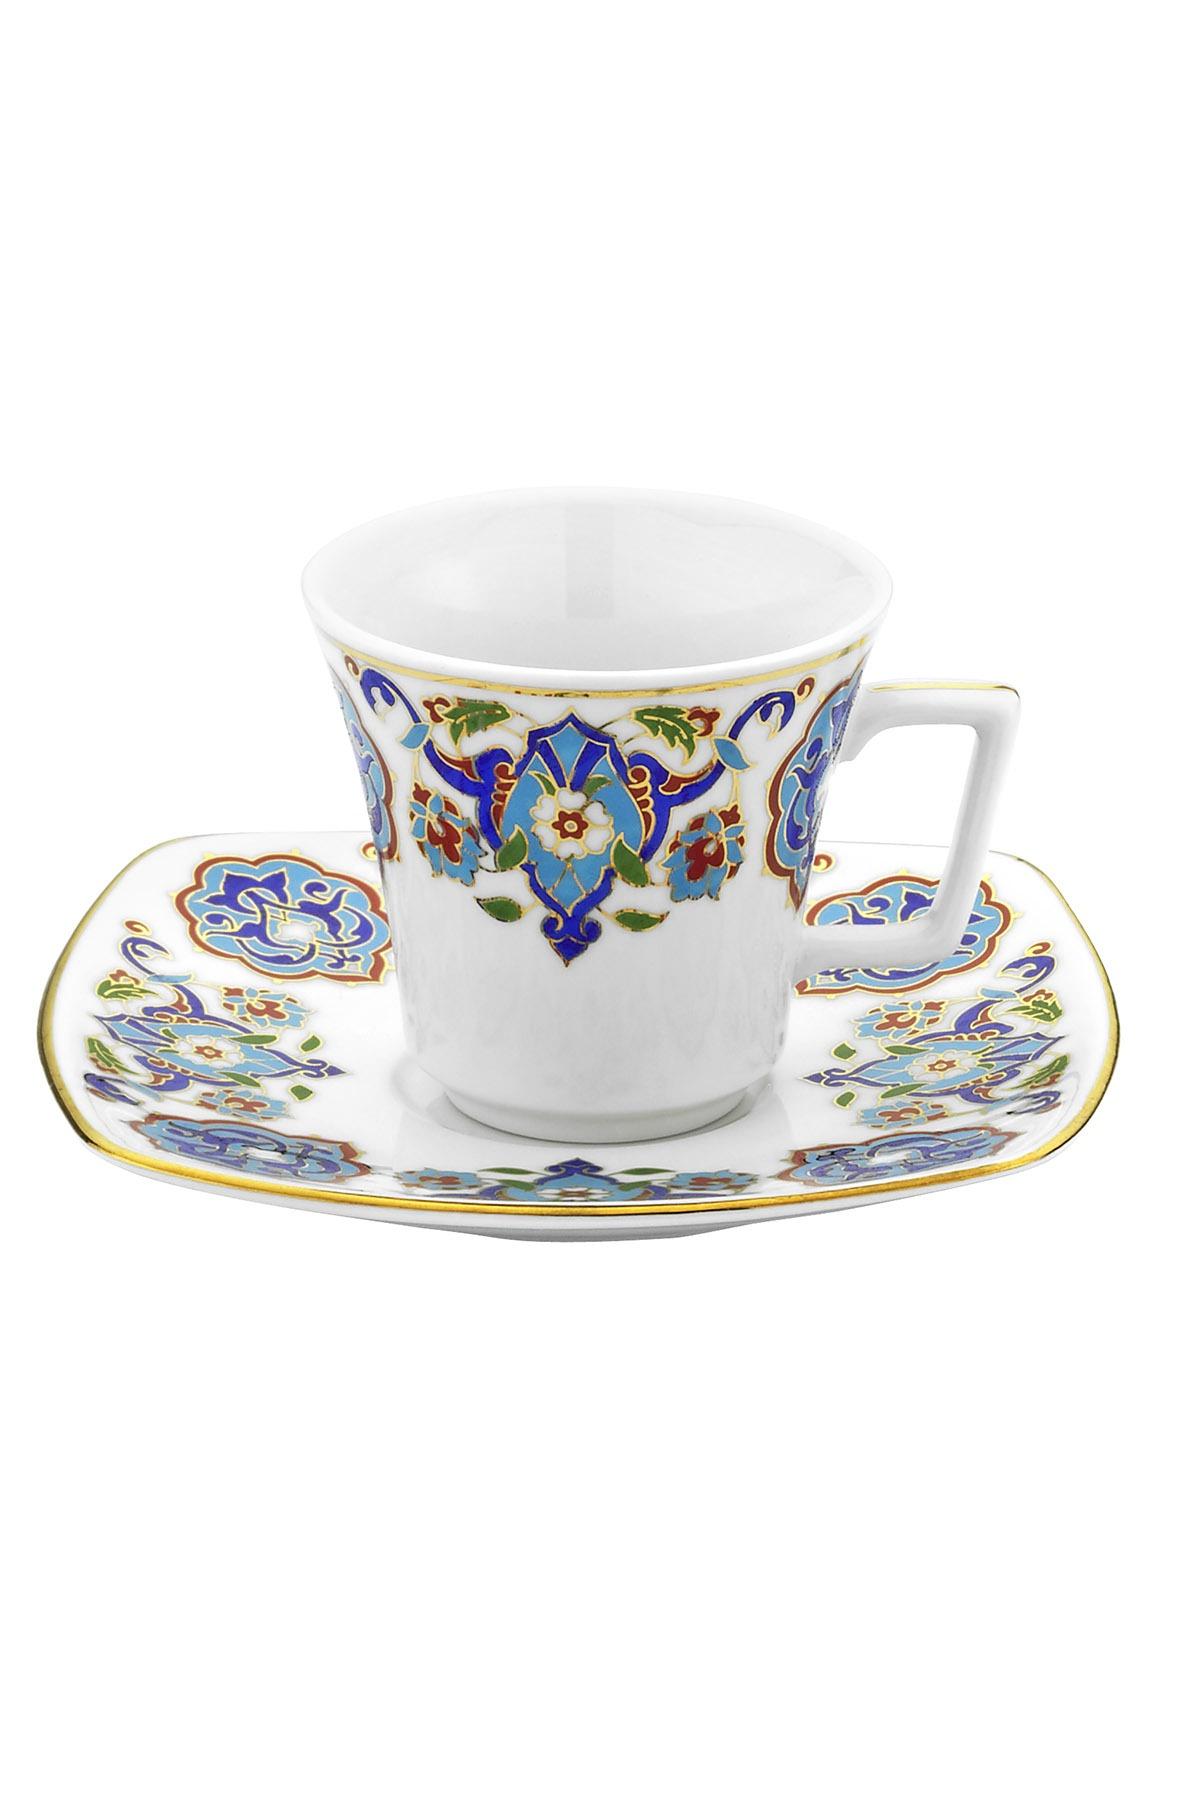 KÜTAHYA PORSELEN - Medusa İki Kişilik Kahve Takımı Dekor No:3868